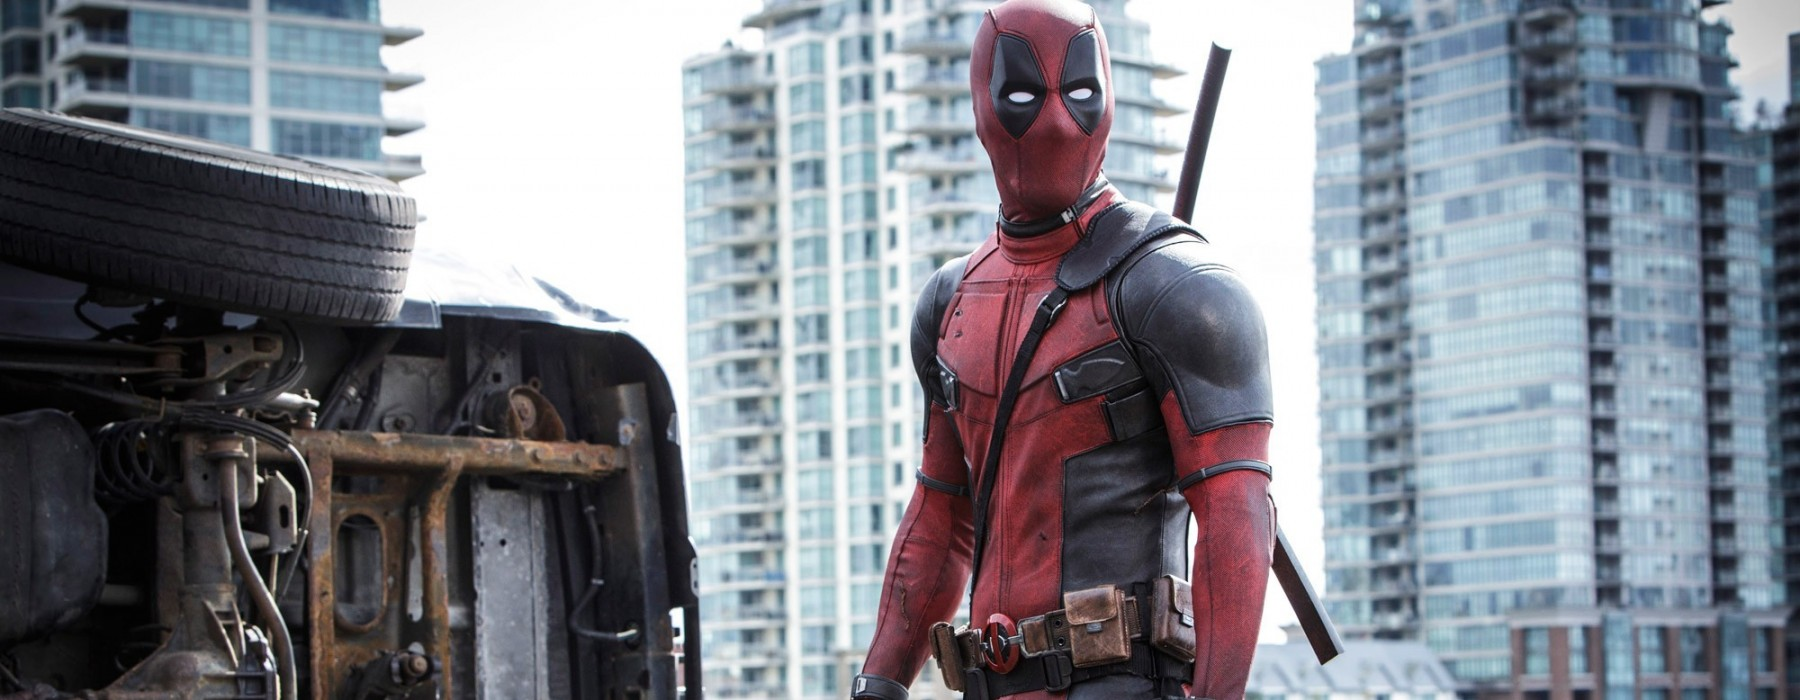 """""""Deadpool"""": Chamski, wulgarny i obrzydliwy. Słowem: doskonały!"""